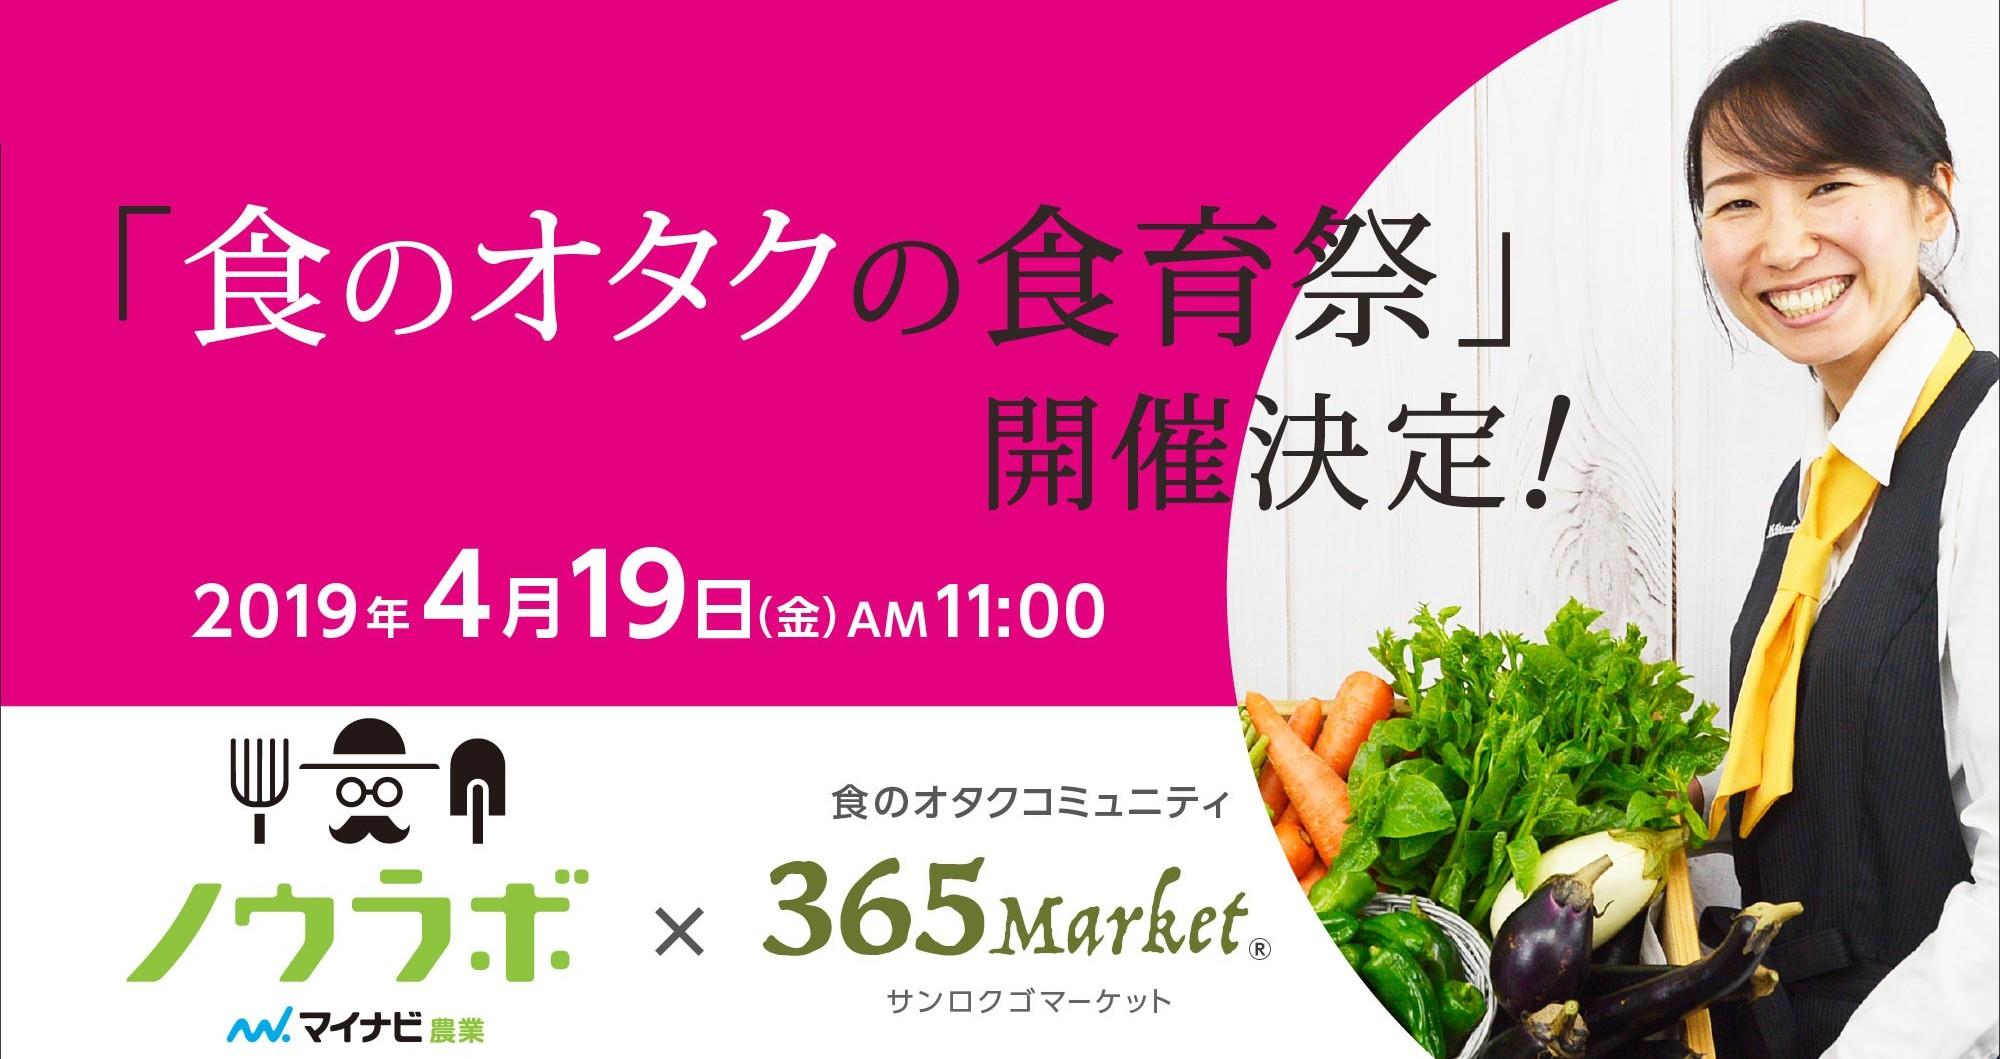 「食のオタクの食育祭」2019年4月19日開催!【参加者募集・無料】